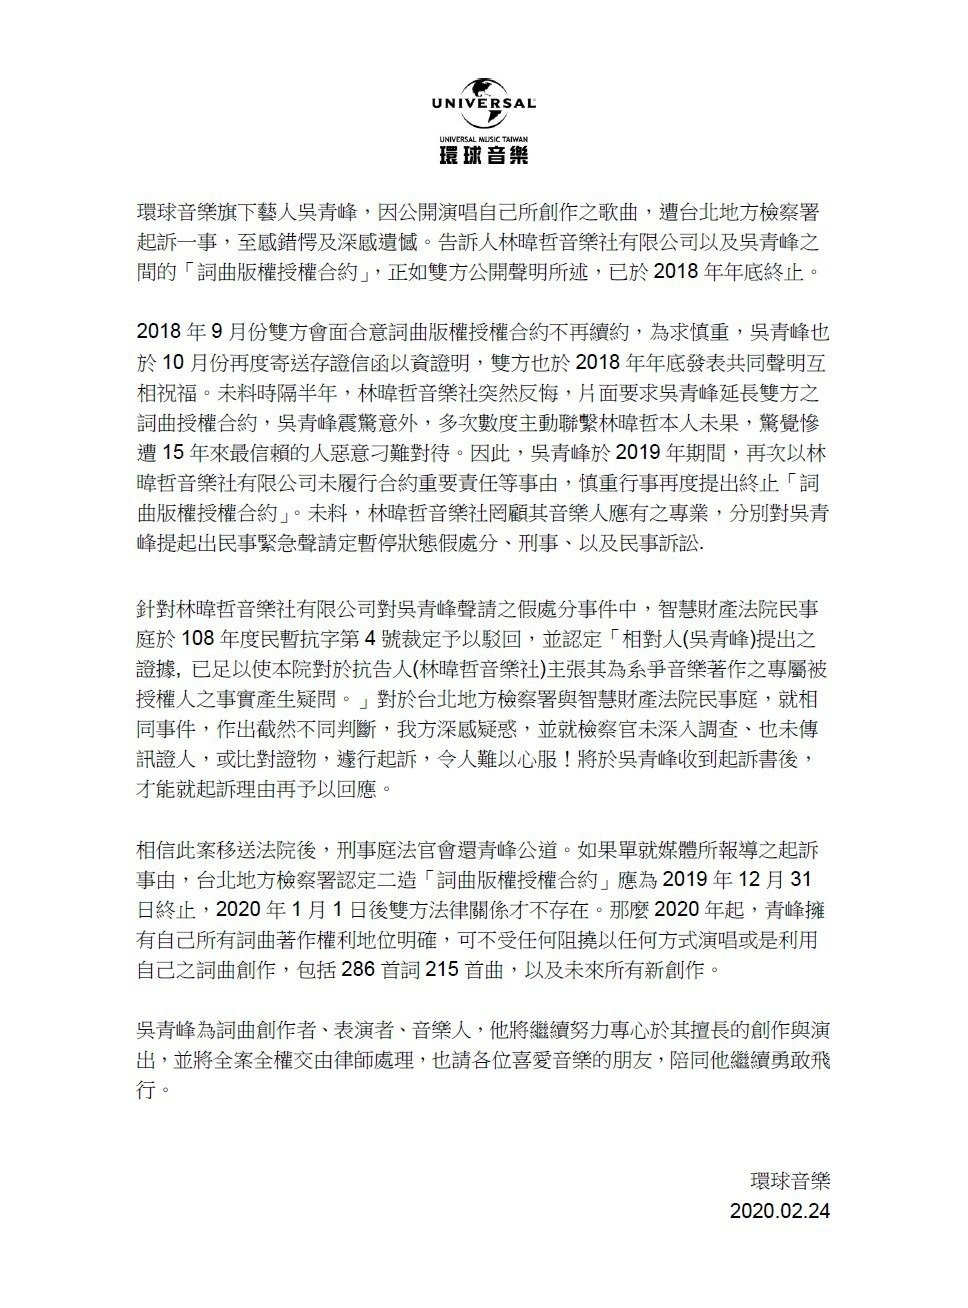 吳青峰所屬的「環球音樂」發表聲明捍衛立場。圖/環球音樂提供